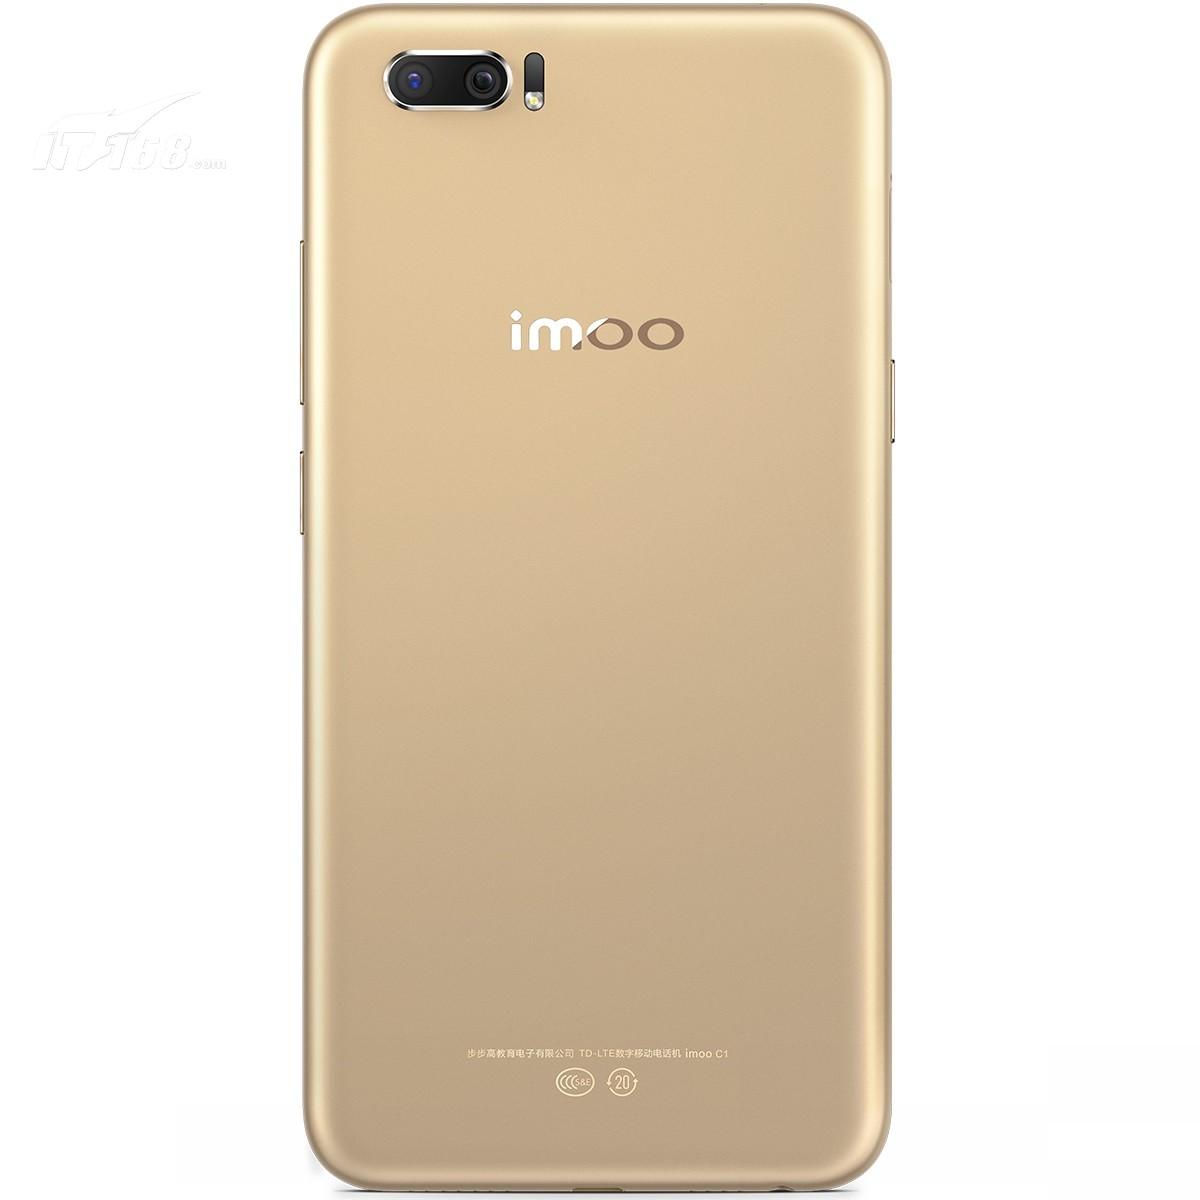 imooc1 全网通手机产品图片3素材-it168手机图片大全